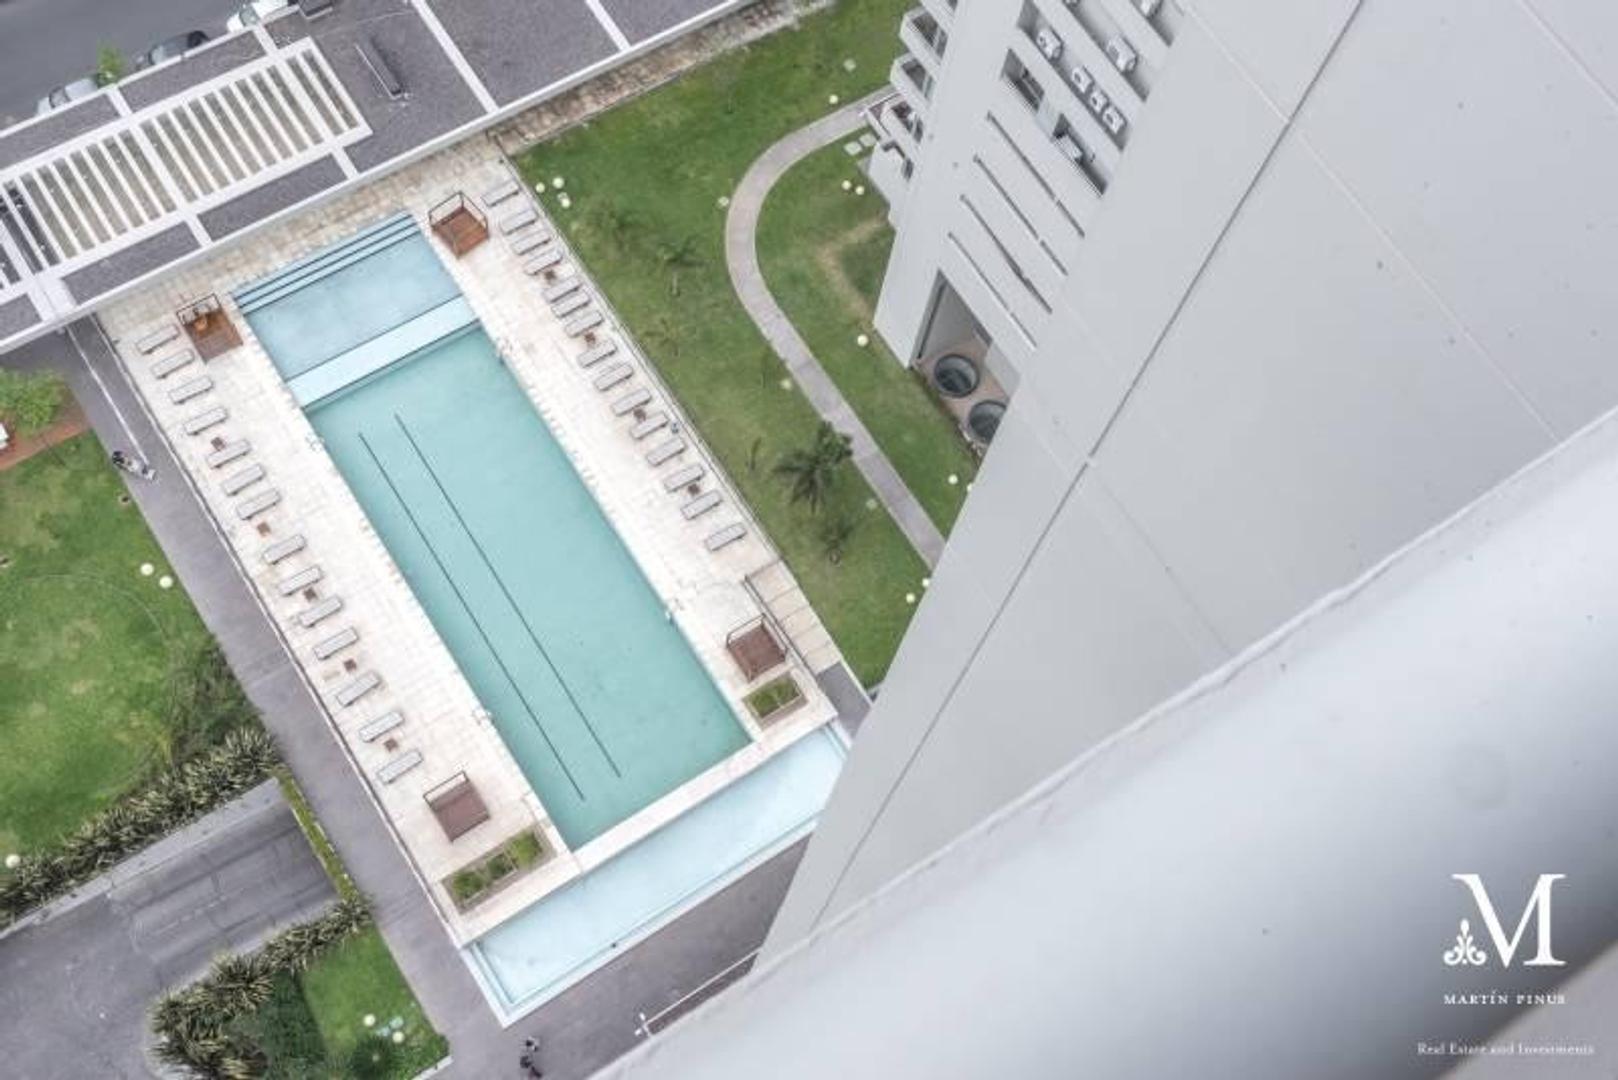 Departamento en Venta - 3 ambientes - USD 610.000